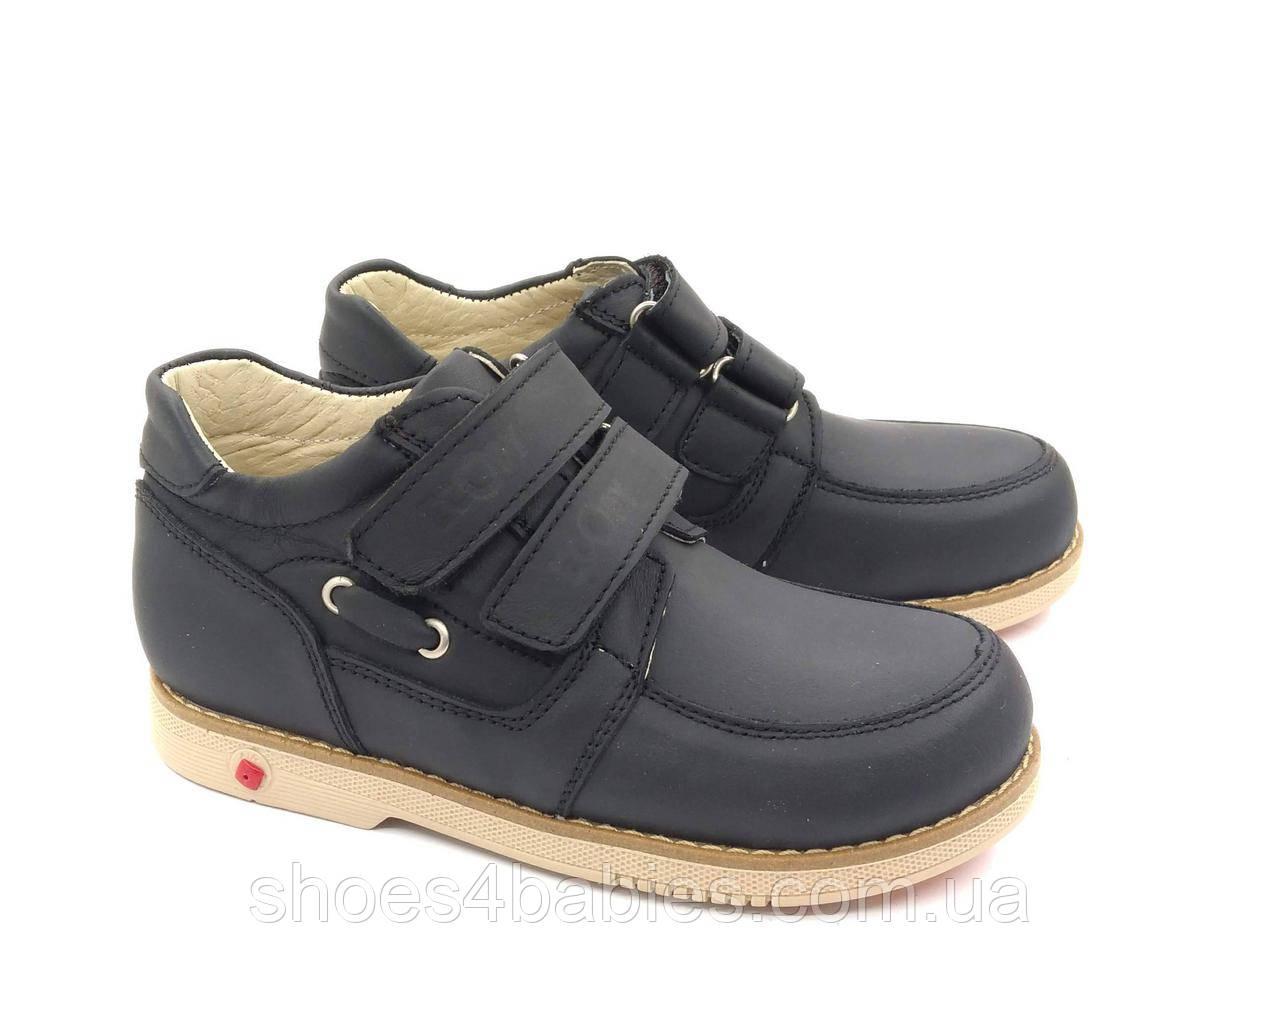 Детские ортопедические туфли Ecoby (Экоби) р. 29-32